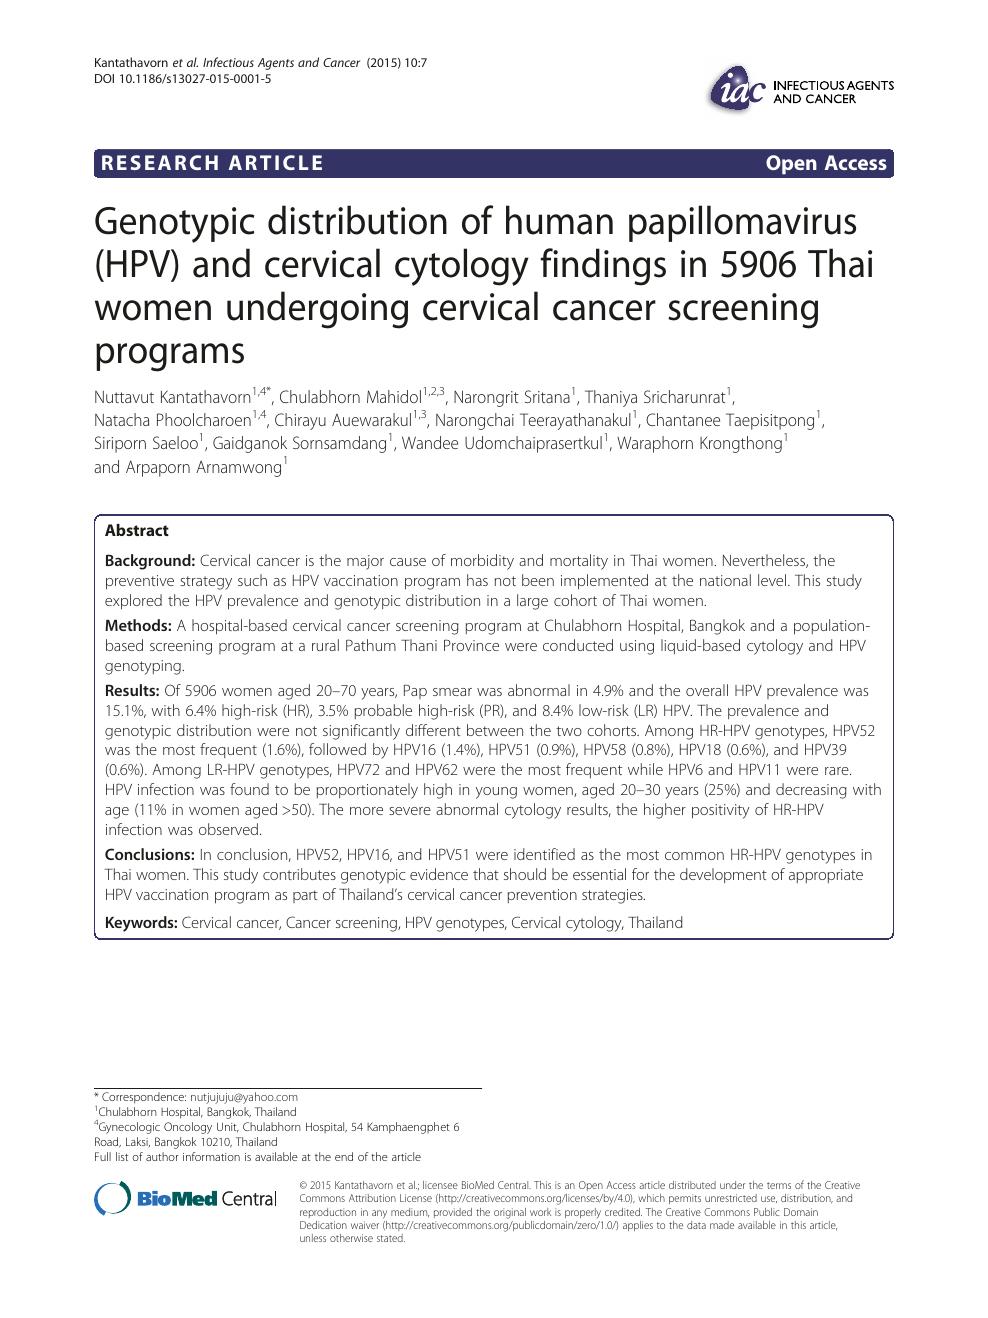 human papillomaviruses agents)